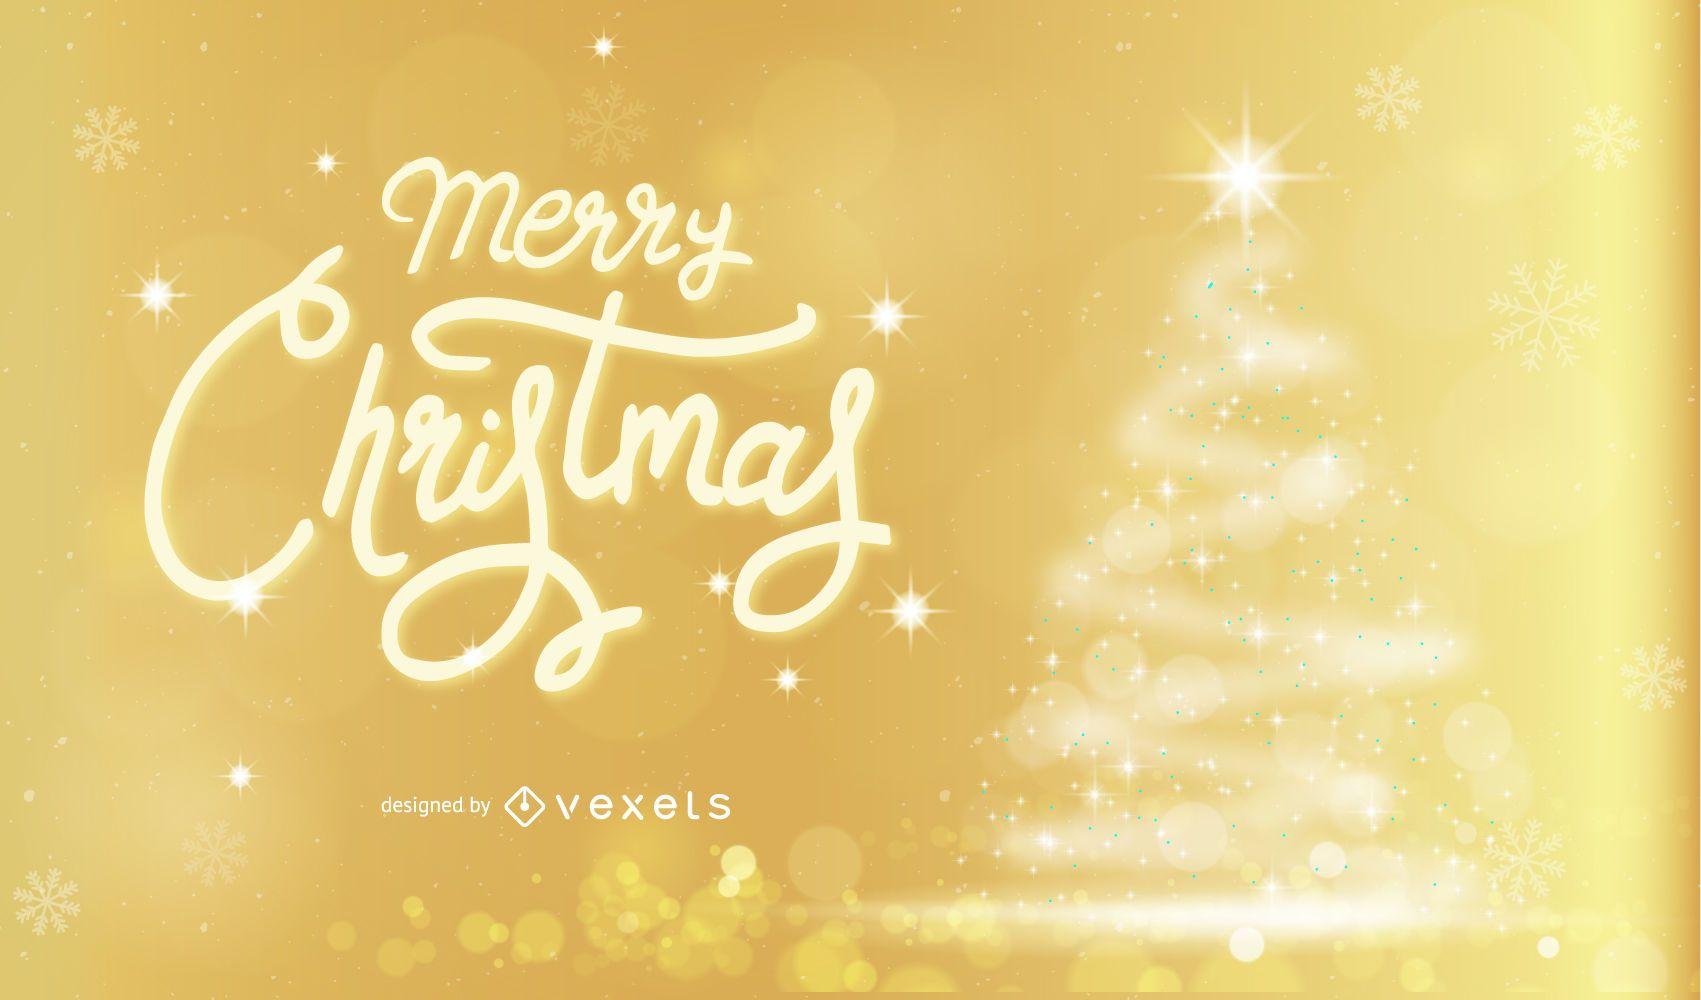 Diseño de fondo dorado feliz Navidad